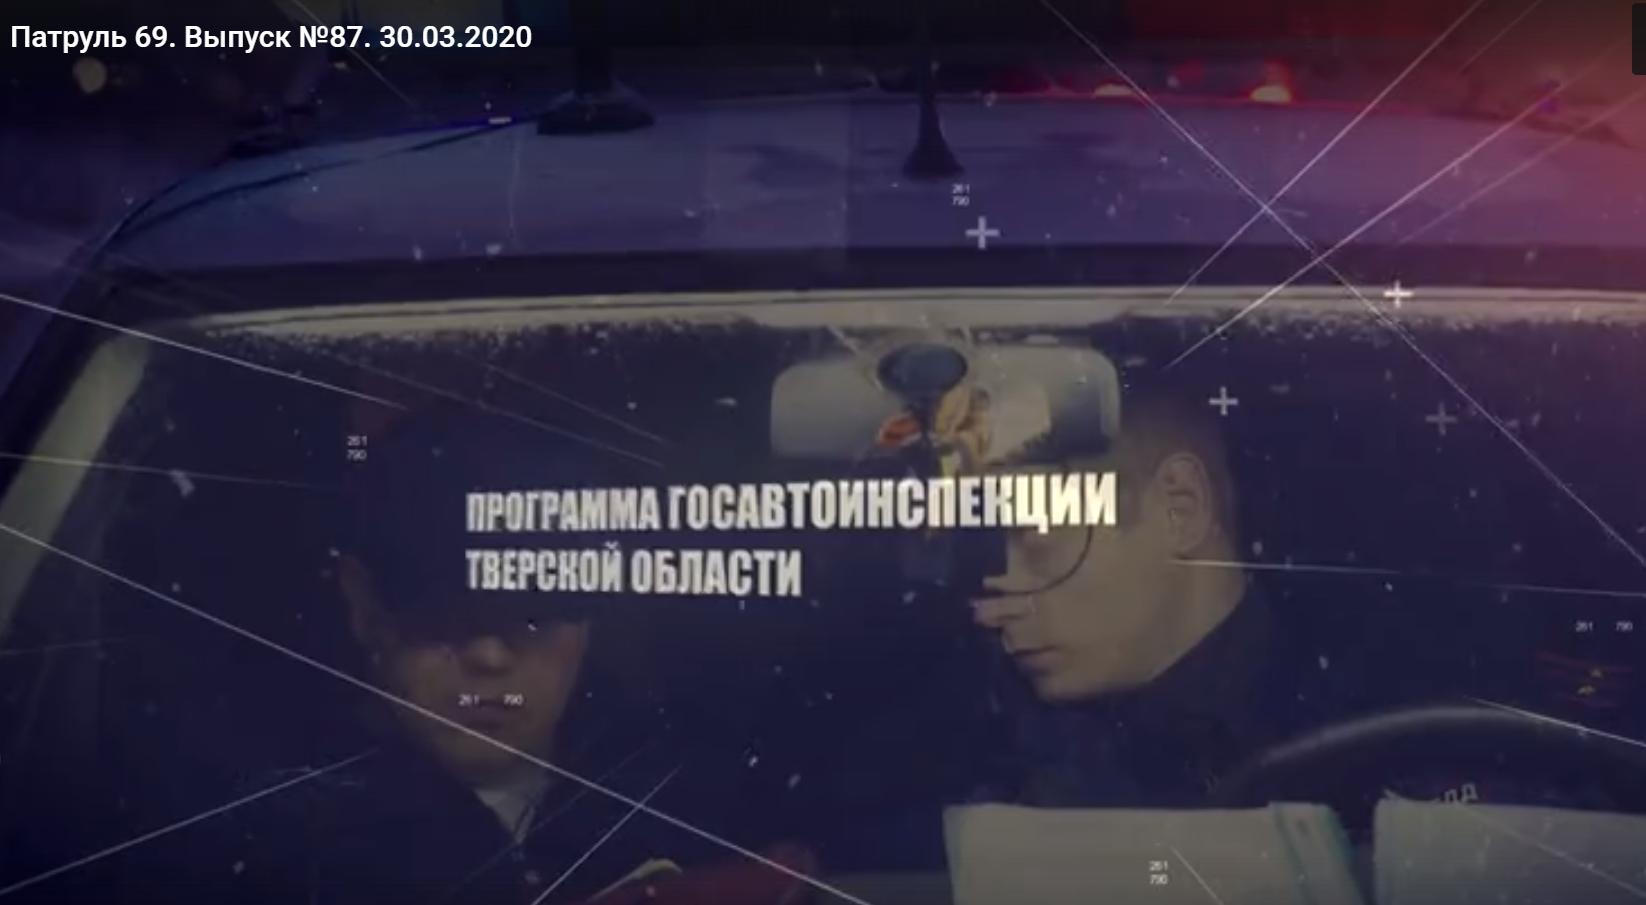 Инспекторы ГИБДД сняли видео о погоне по встречке в Твери